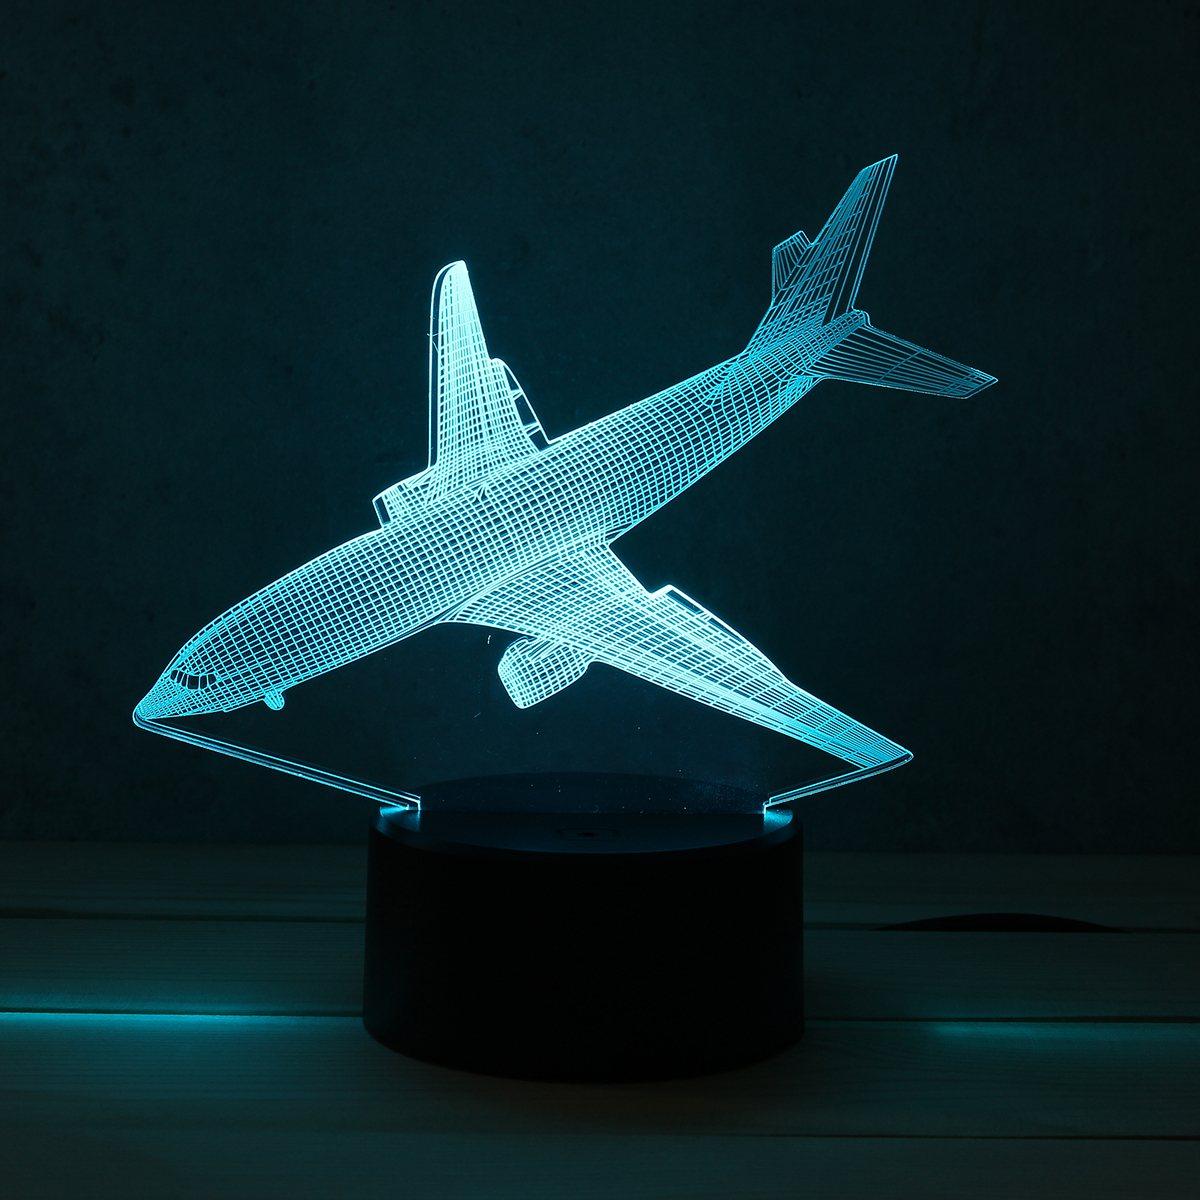 7 Farbe Flugzeug Acryl FÜHRTE 3D Led-nachtlicht Spielzeug Lampe Flugzeug Nacht Touch Tisch Schreibtisch Licht DC5V Für Kind Weihnachten